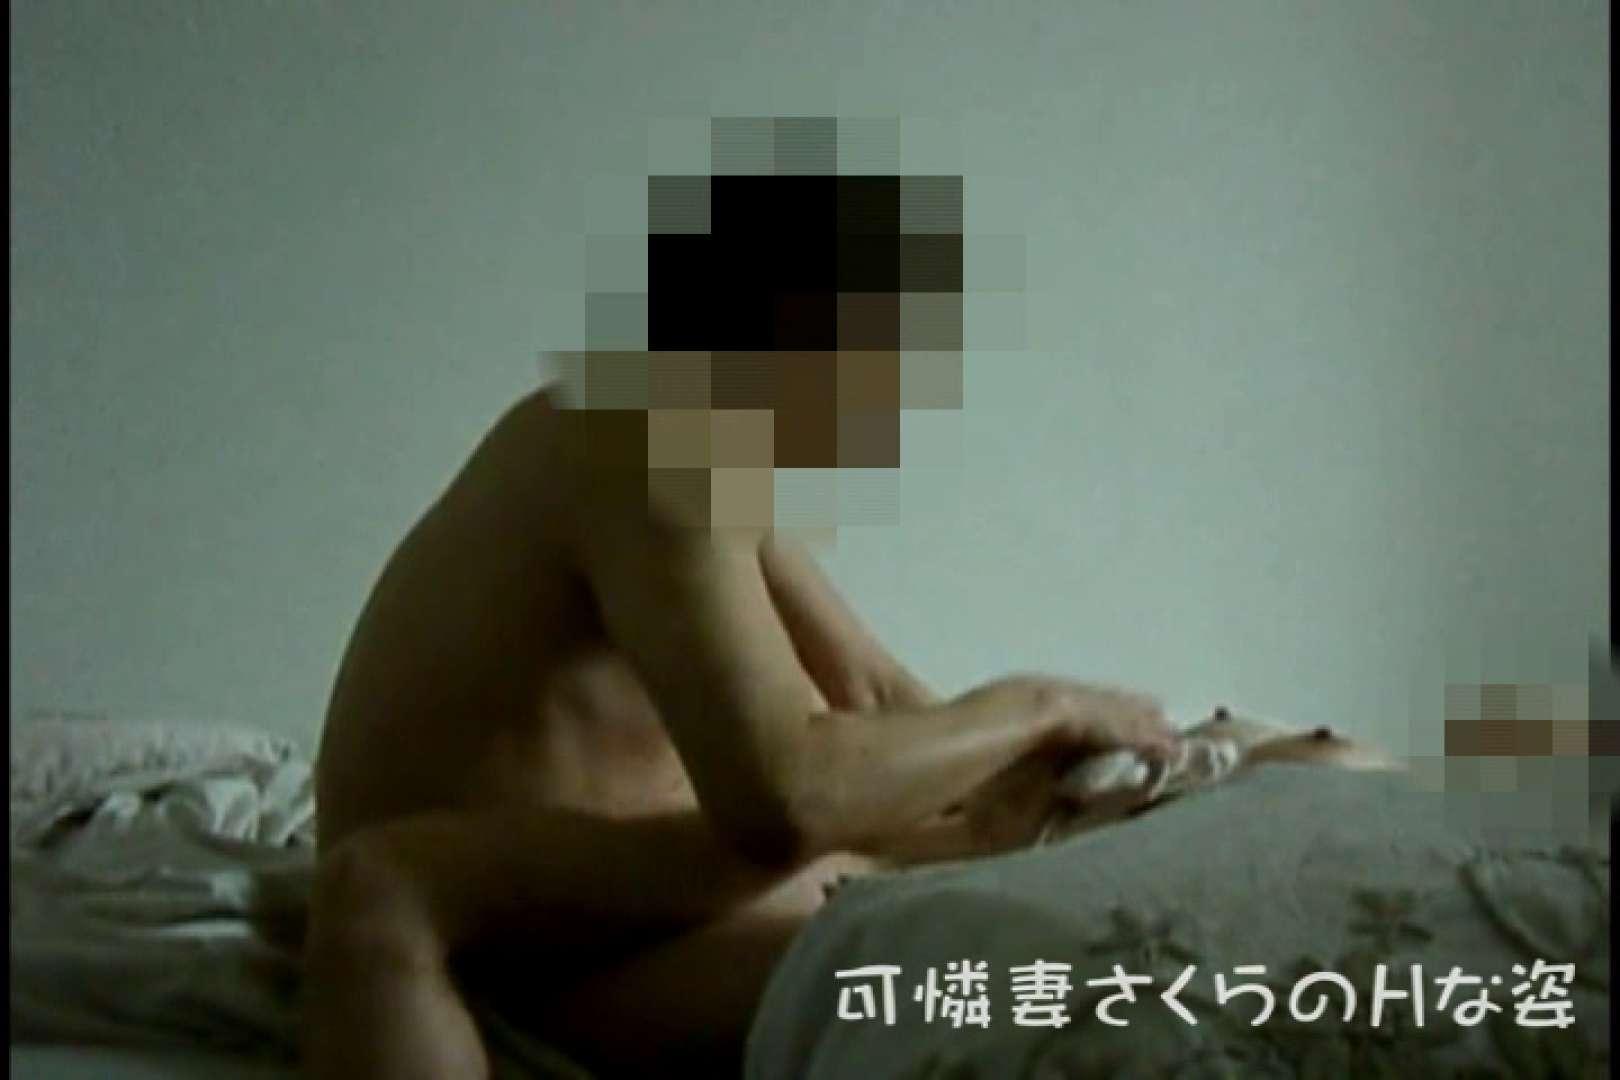 可憐妻さくらのHな姿 モデル | セックス  112pic 97